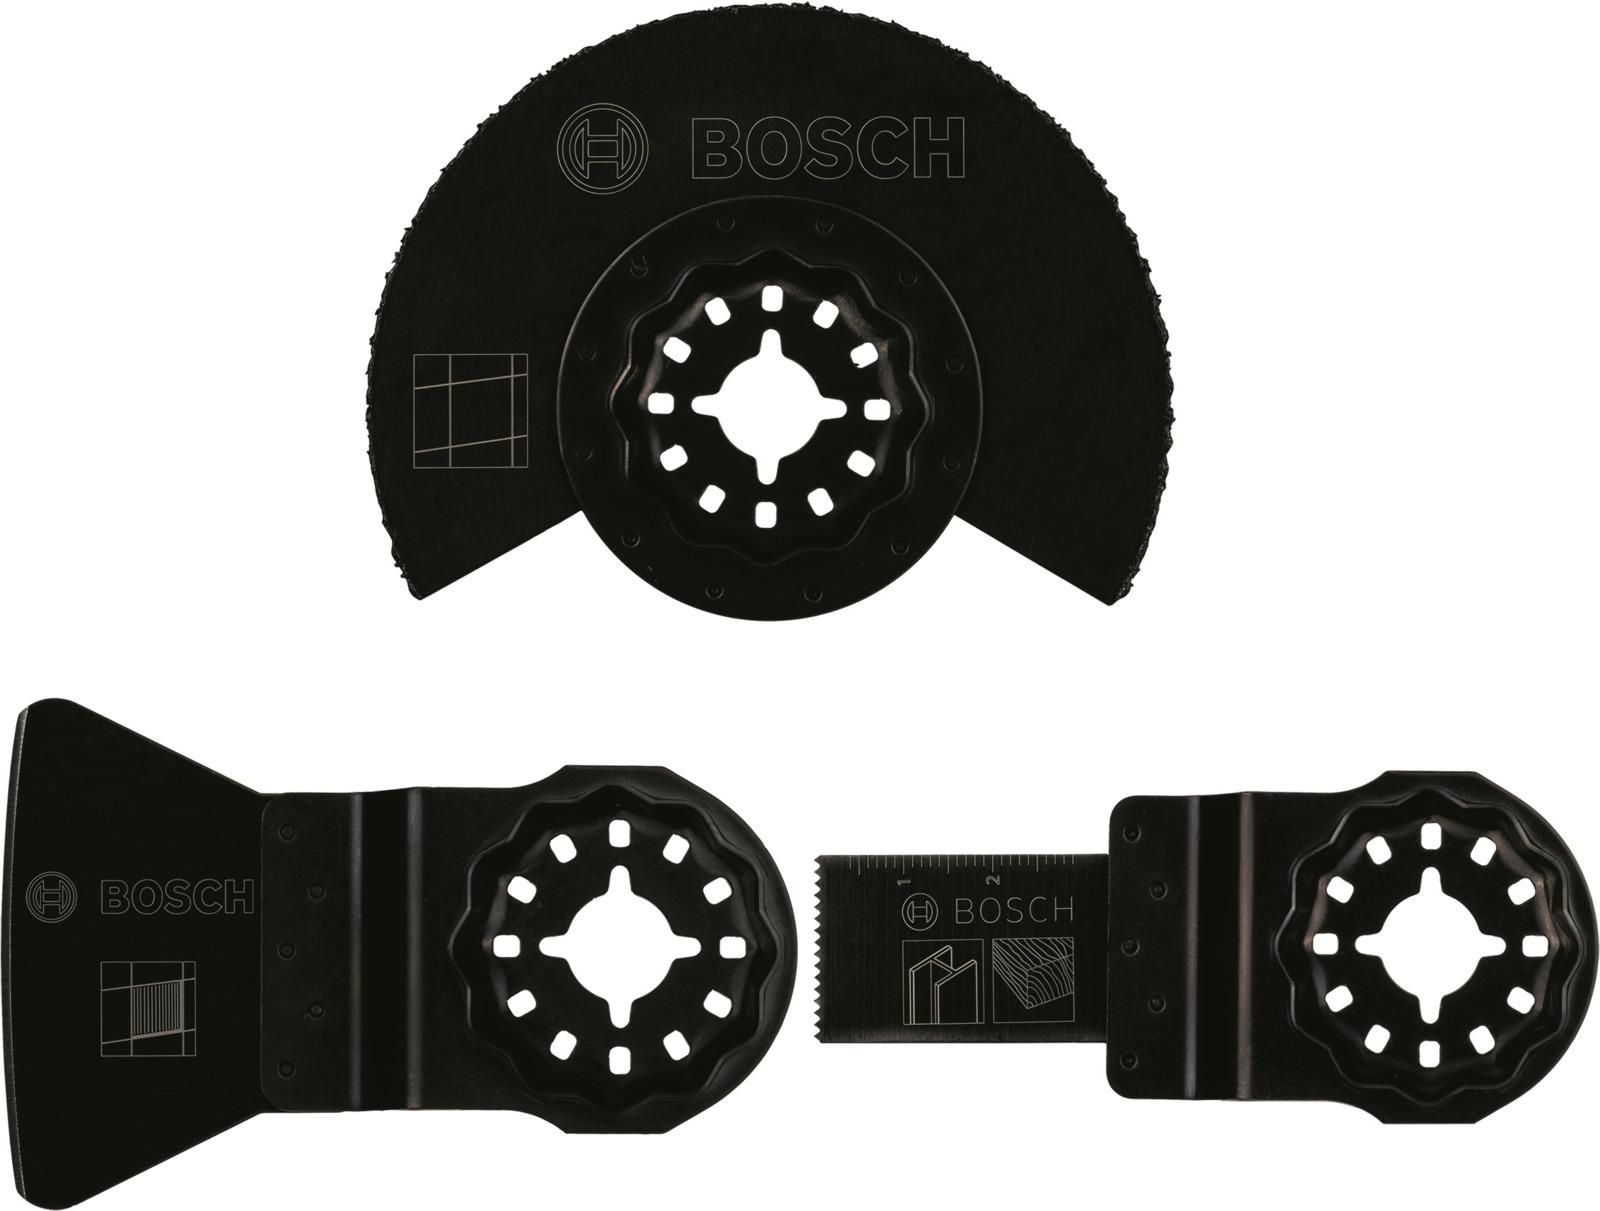 Набор оснастки Bosch Starlock, для работ с керамической плиткой jd коллекция 9 клеток черной керамической коробка ювелирных изделий дефолт